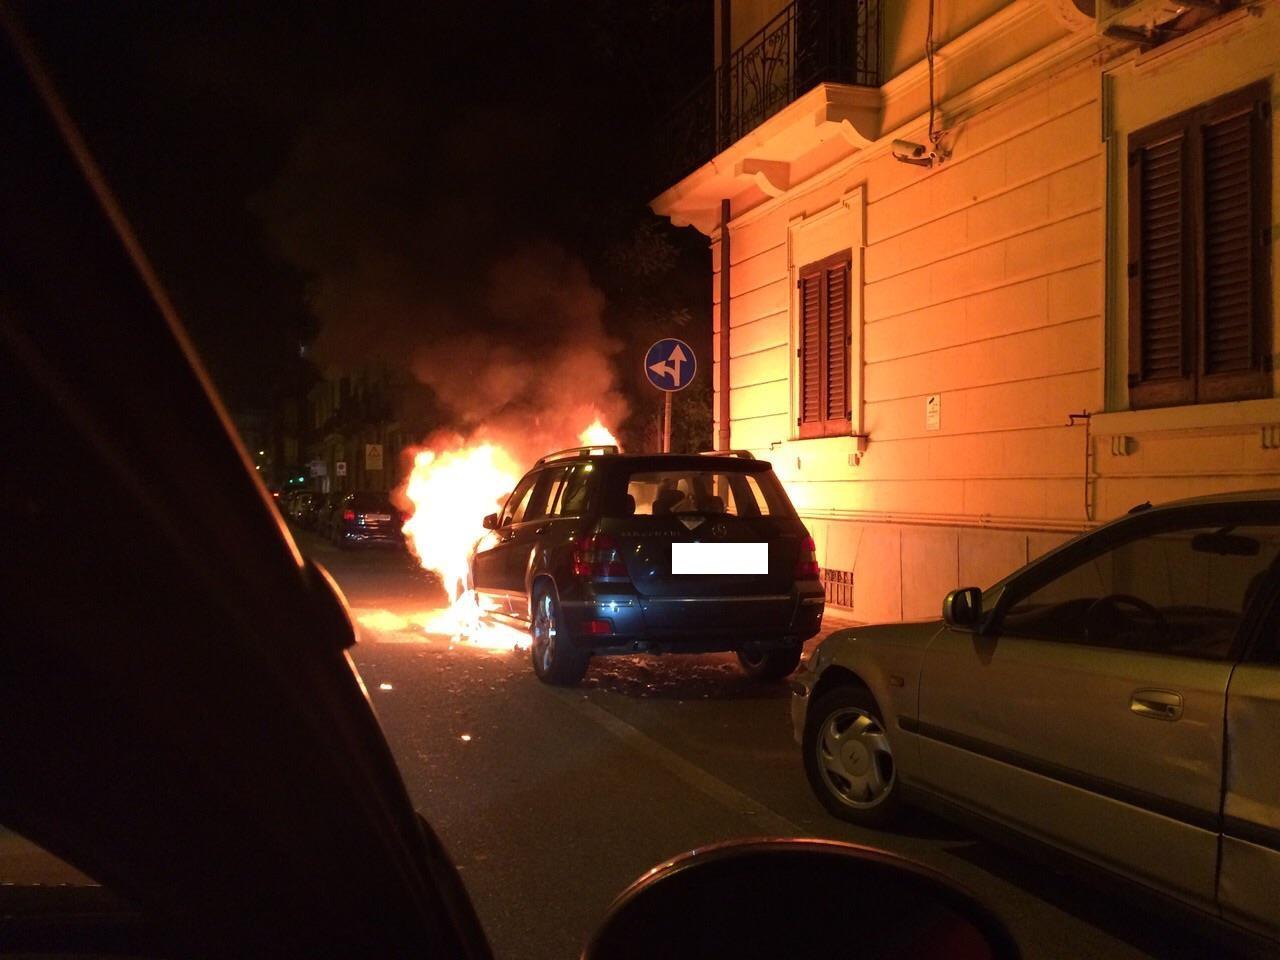 macchina_in_fiamme_4_Rc